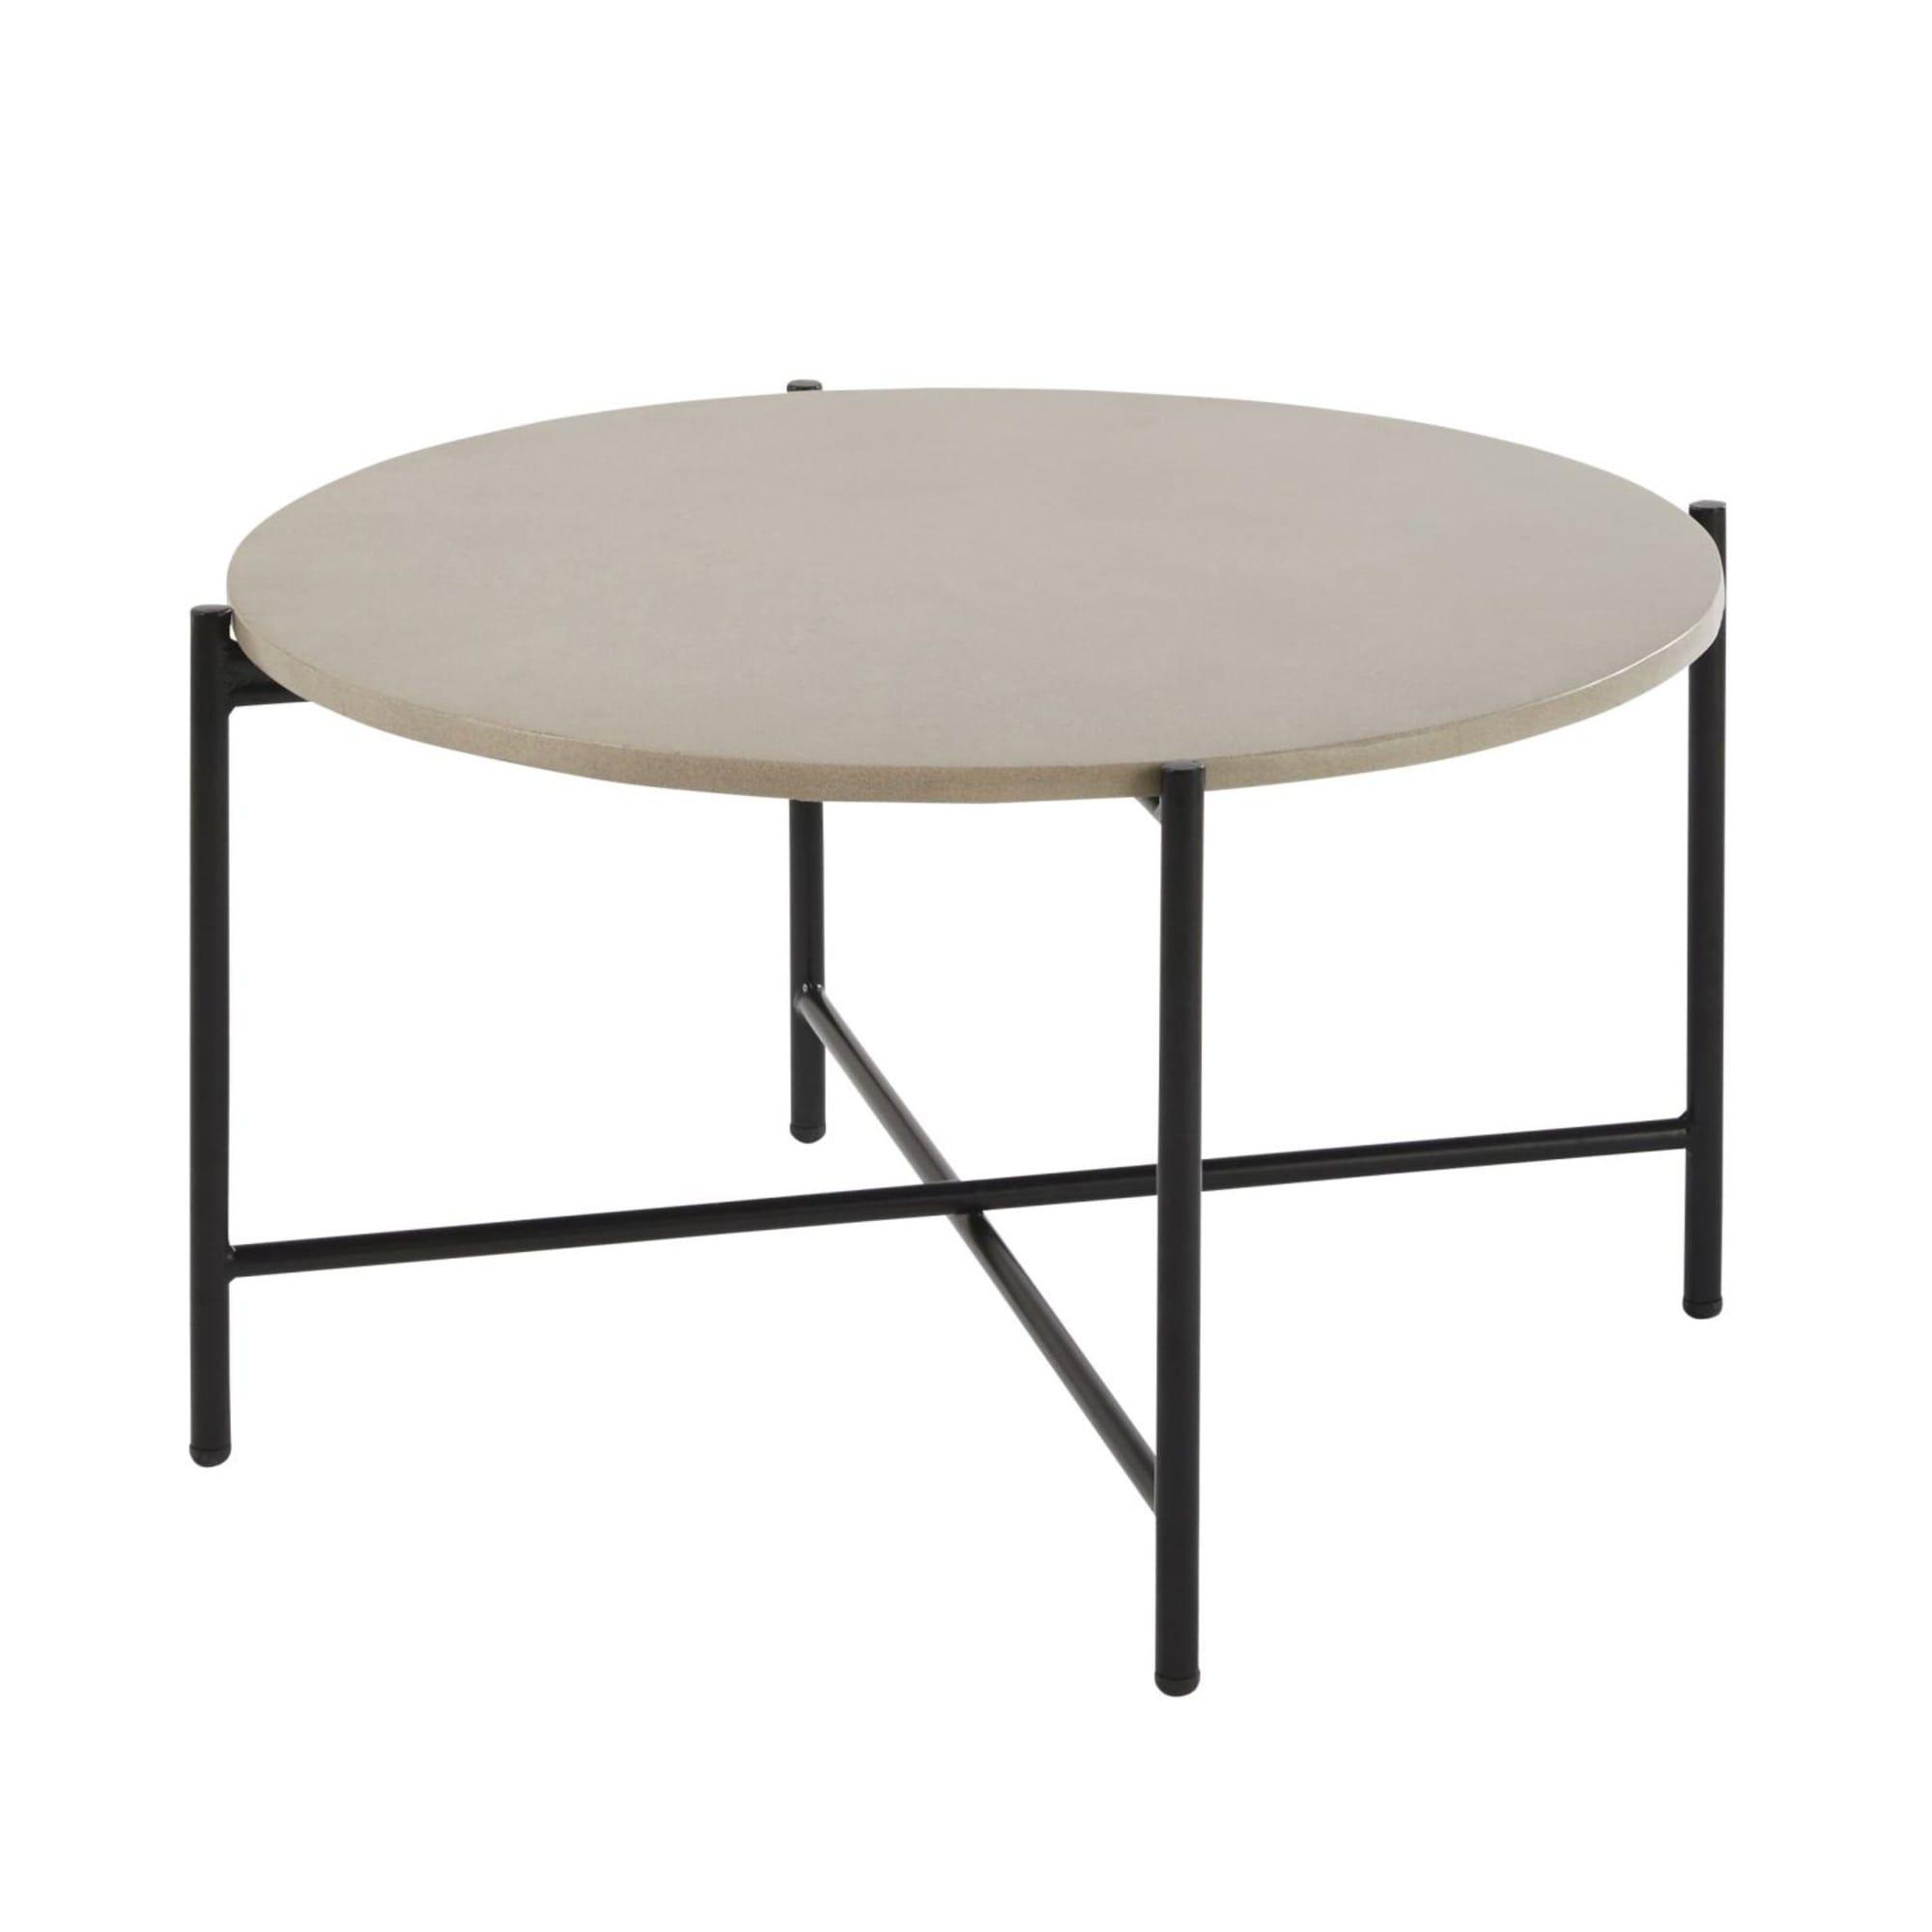 Table Basse De Jardin Ronde En Ciment Et Metal Noir Exterieur In